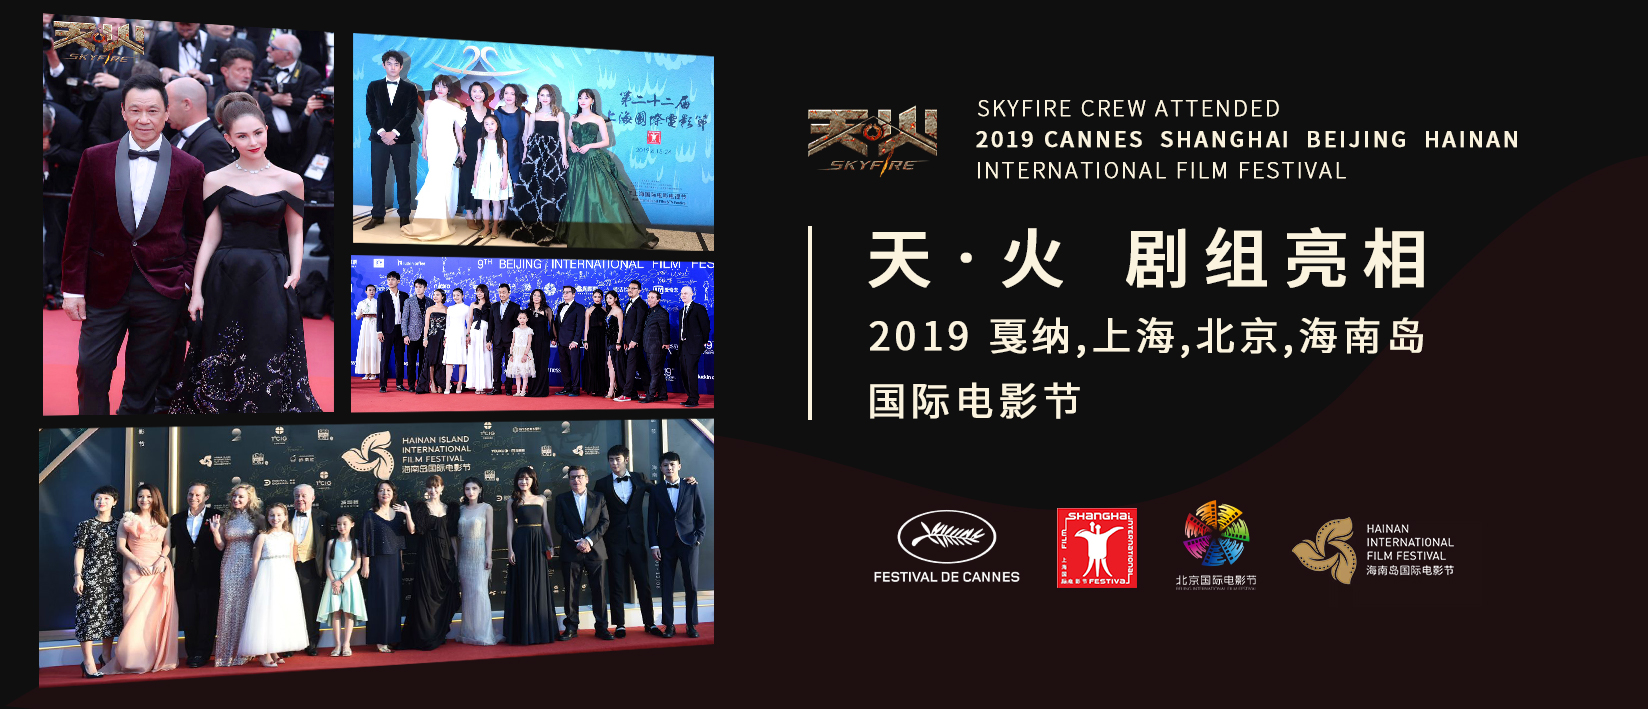 《天火》亮相戛纳上海北京海南岛电影节